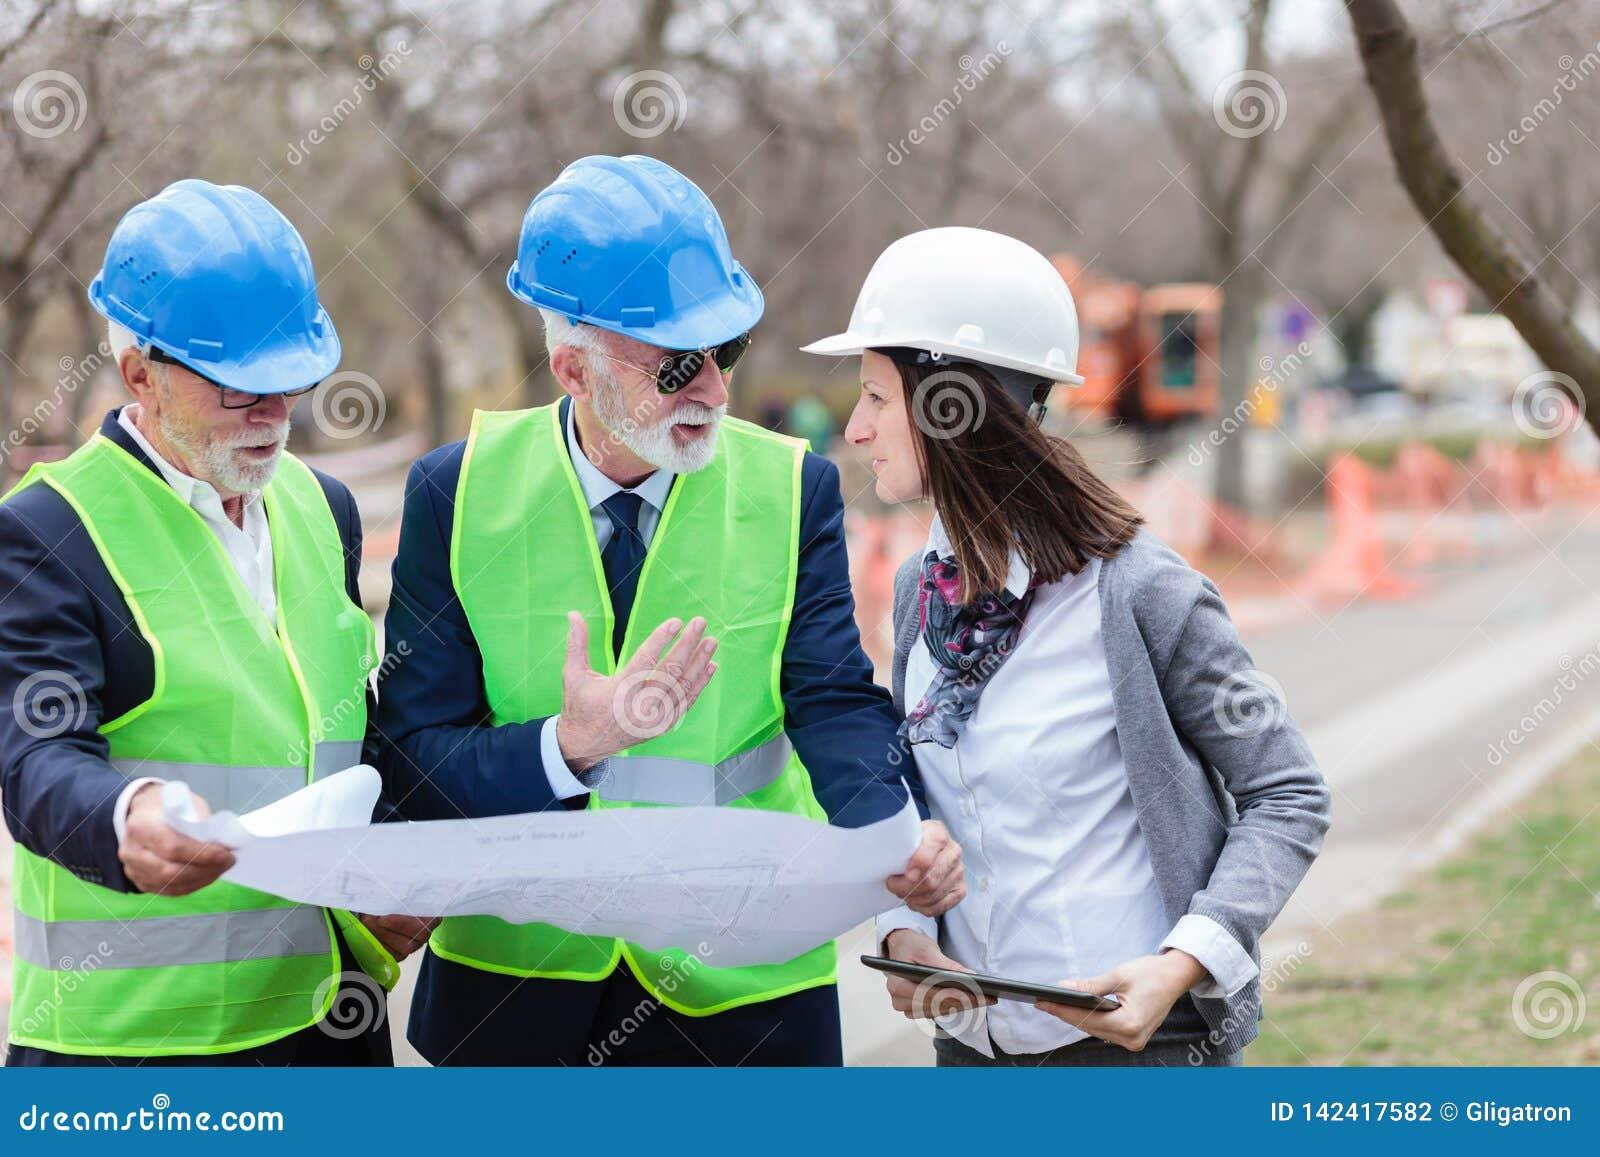 Blandad grupp av arkitekter och affärspartners som diskuterar projektdetaljer på en konstruktionsplats